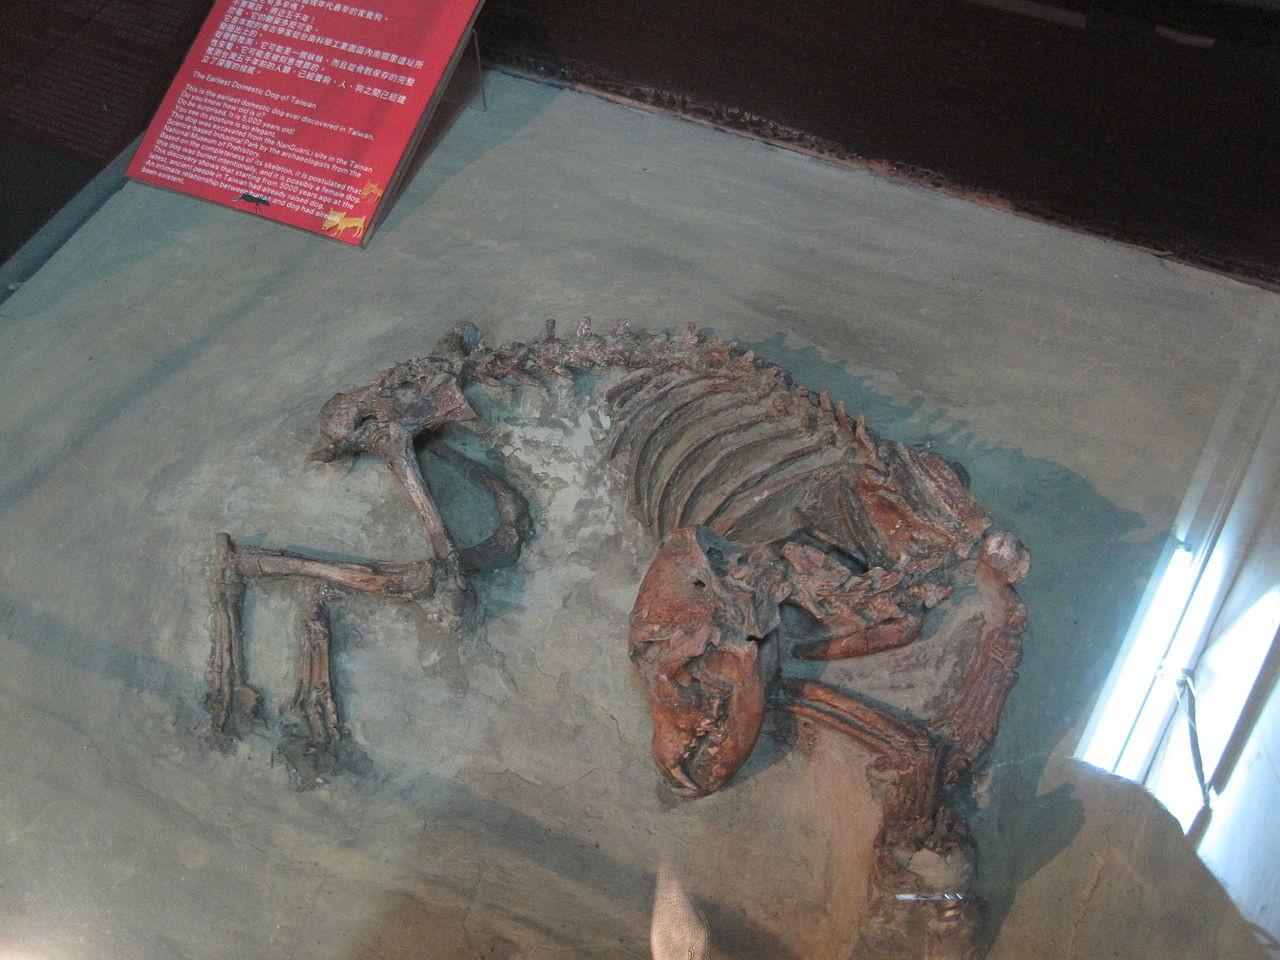 ▲▼南關里遺址出土的狗遺骸,是目前發現臺灣最早的家犬,攝於南科考古文物陳列室(圖/Wikipedia/Pbdragonwang)